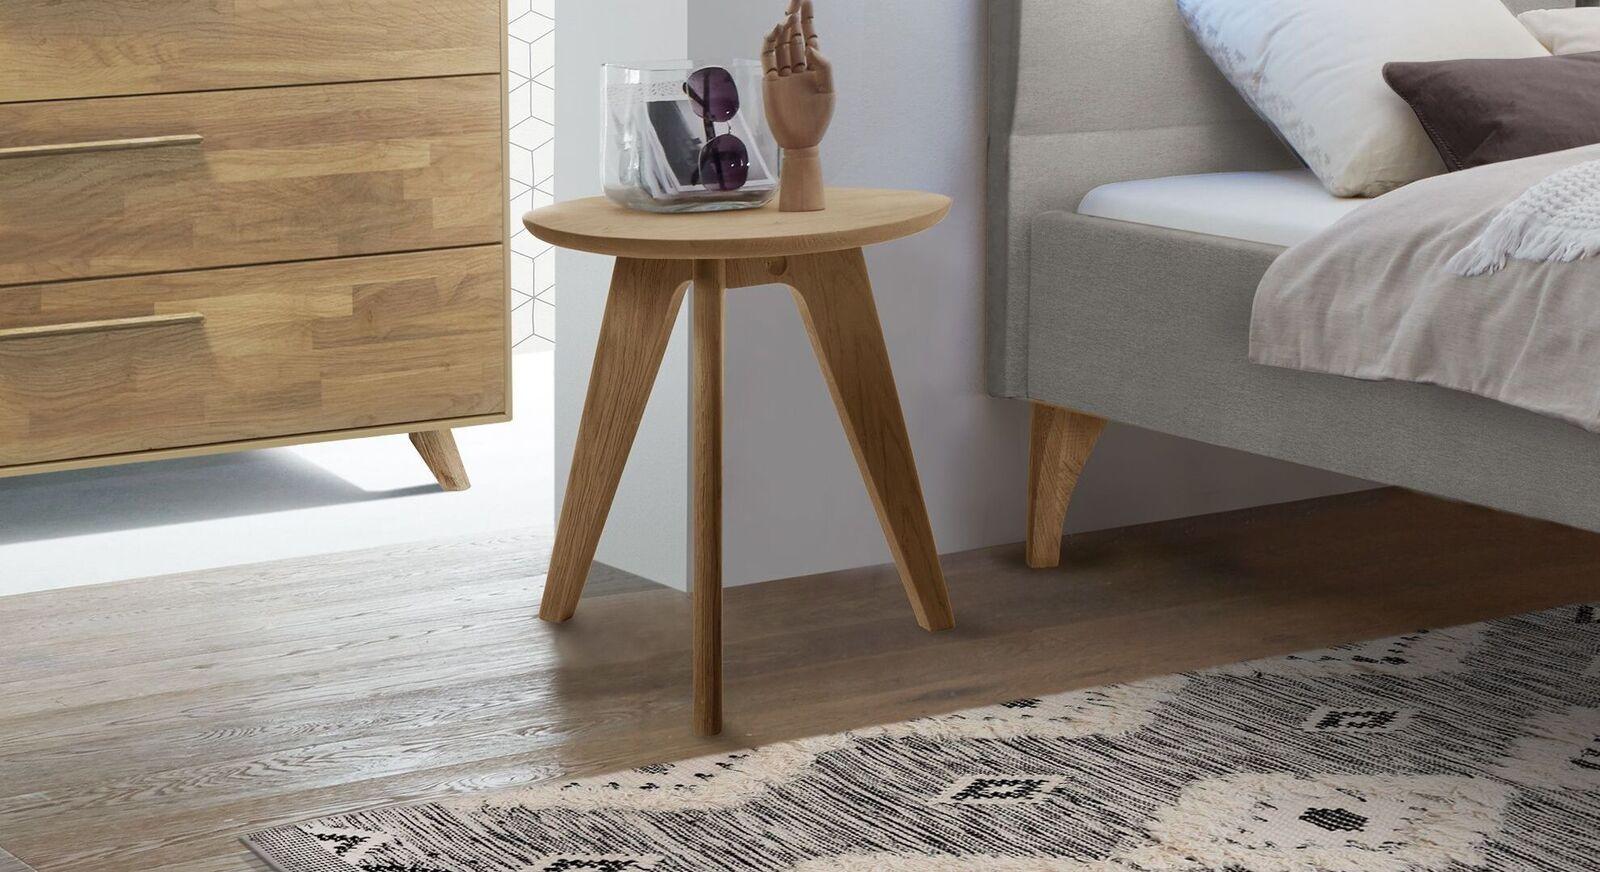 Robuster Nachttisch und Hocker Marla aus hellem Eichenholz